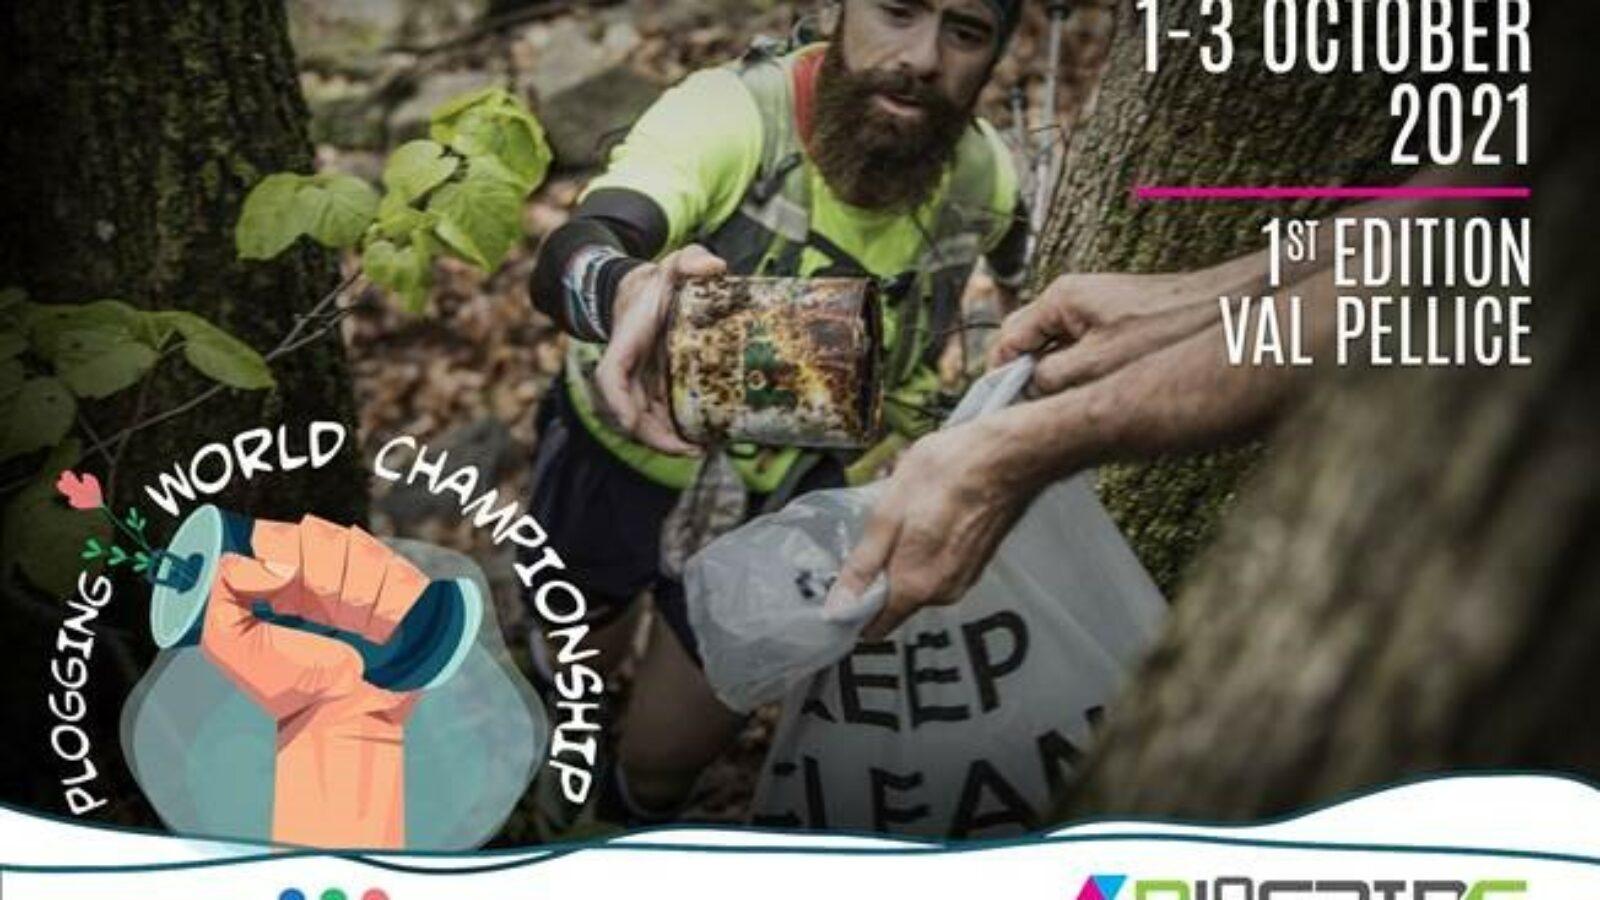 Corri anche tu per la qualificazione al Campionato Mondiale di Plogging!